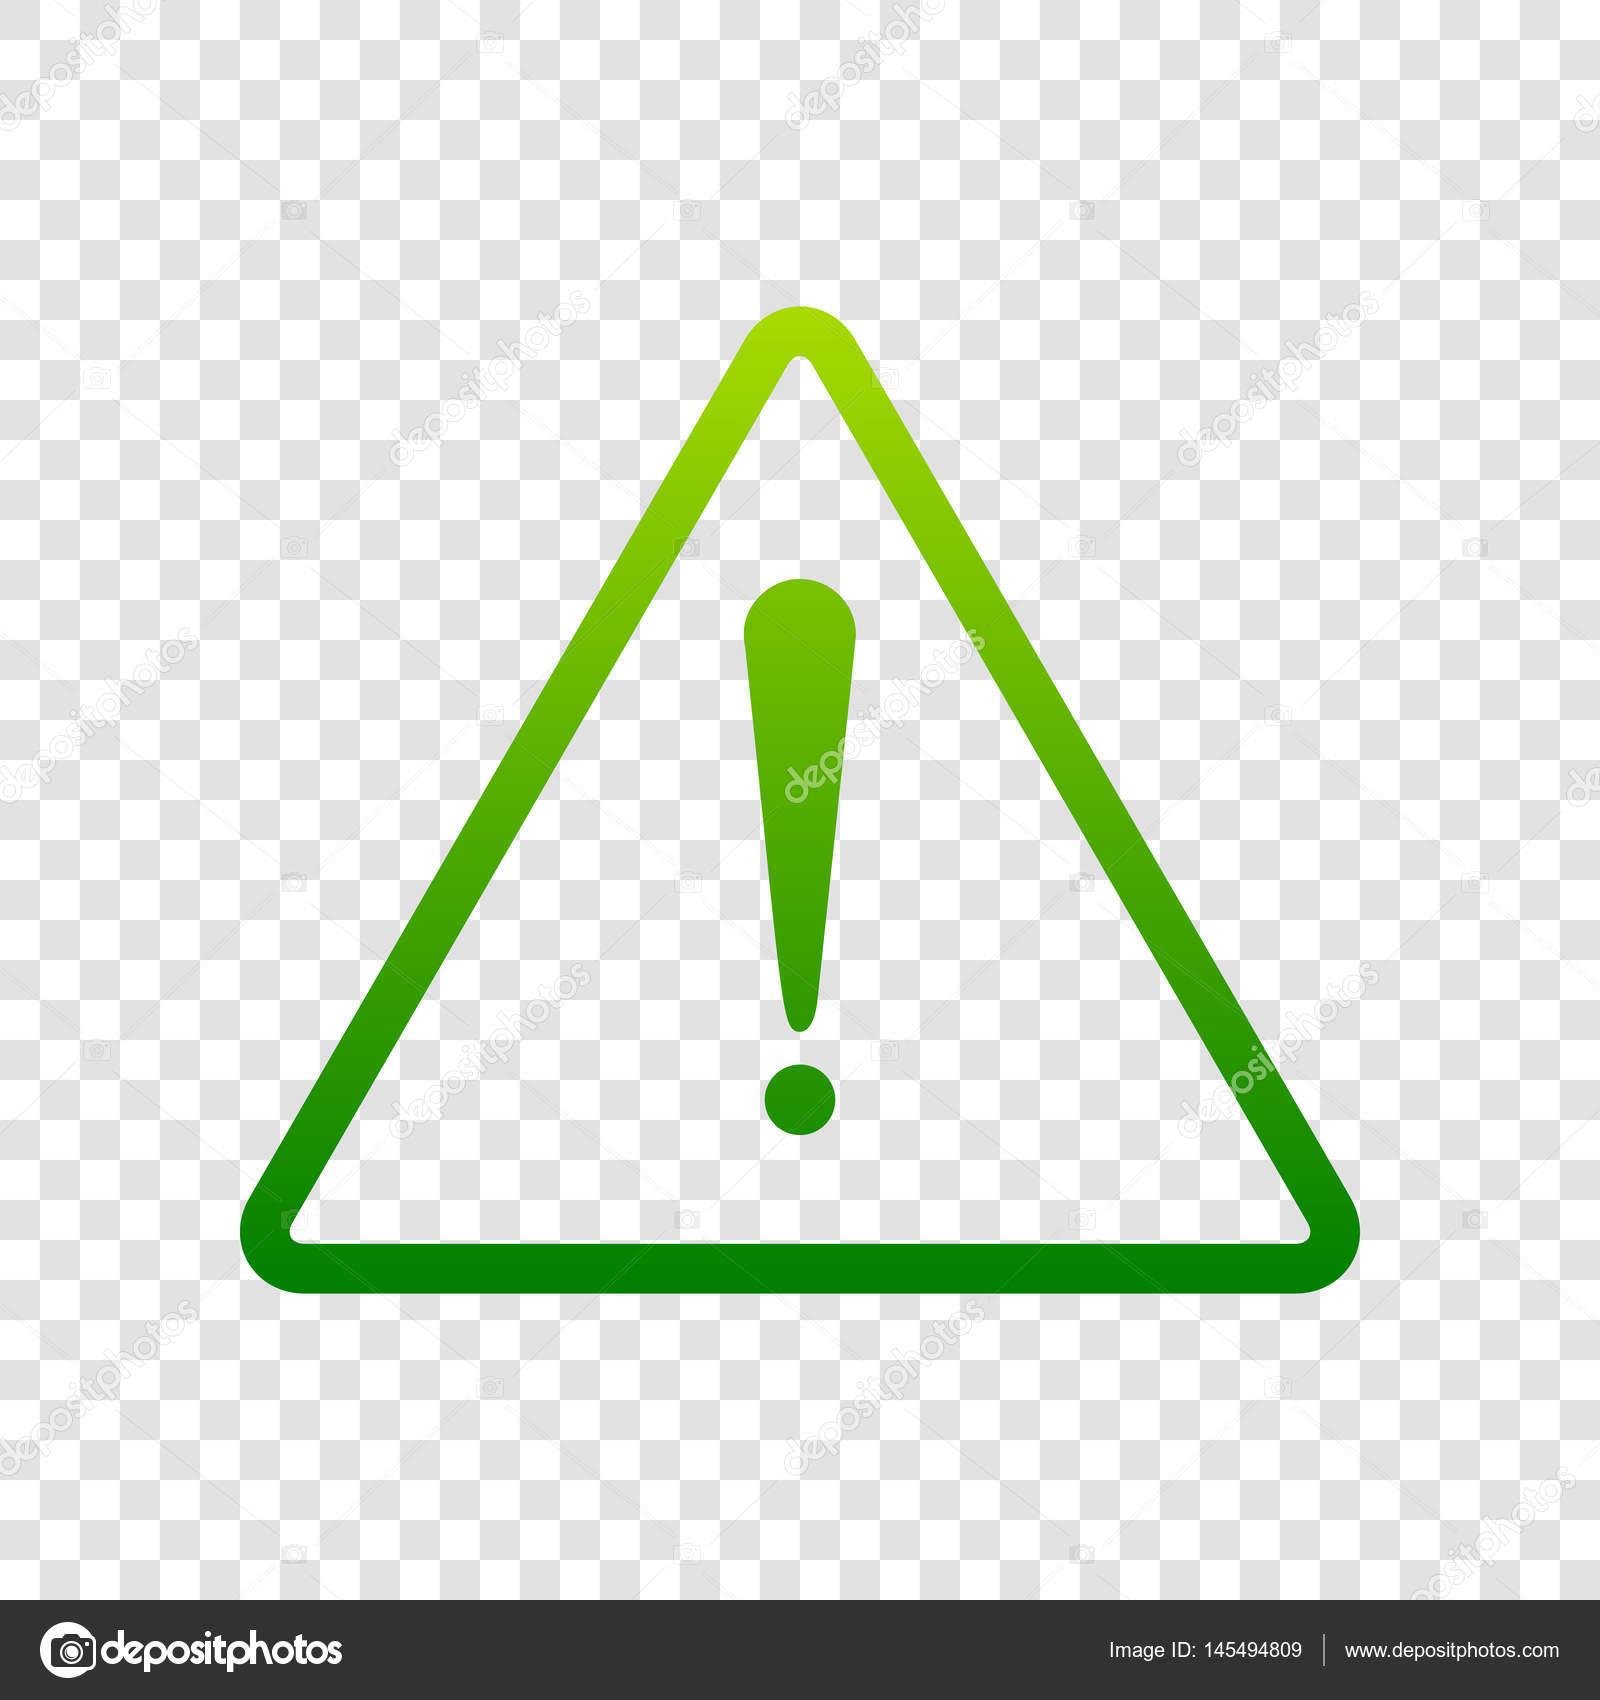 Как сделать прозрачный фон для картинки в фотошопе 14